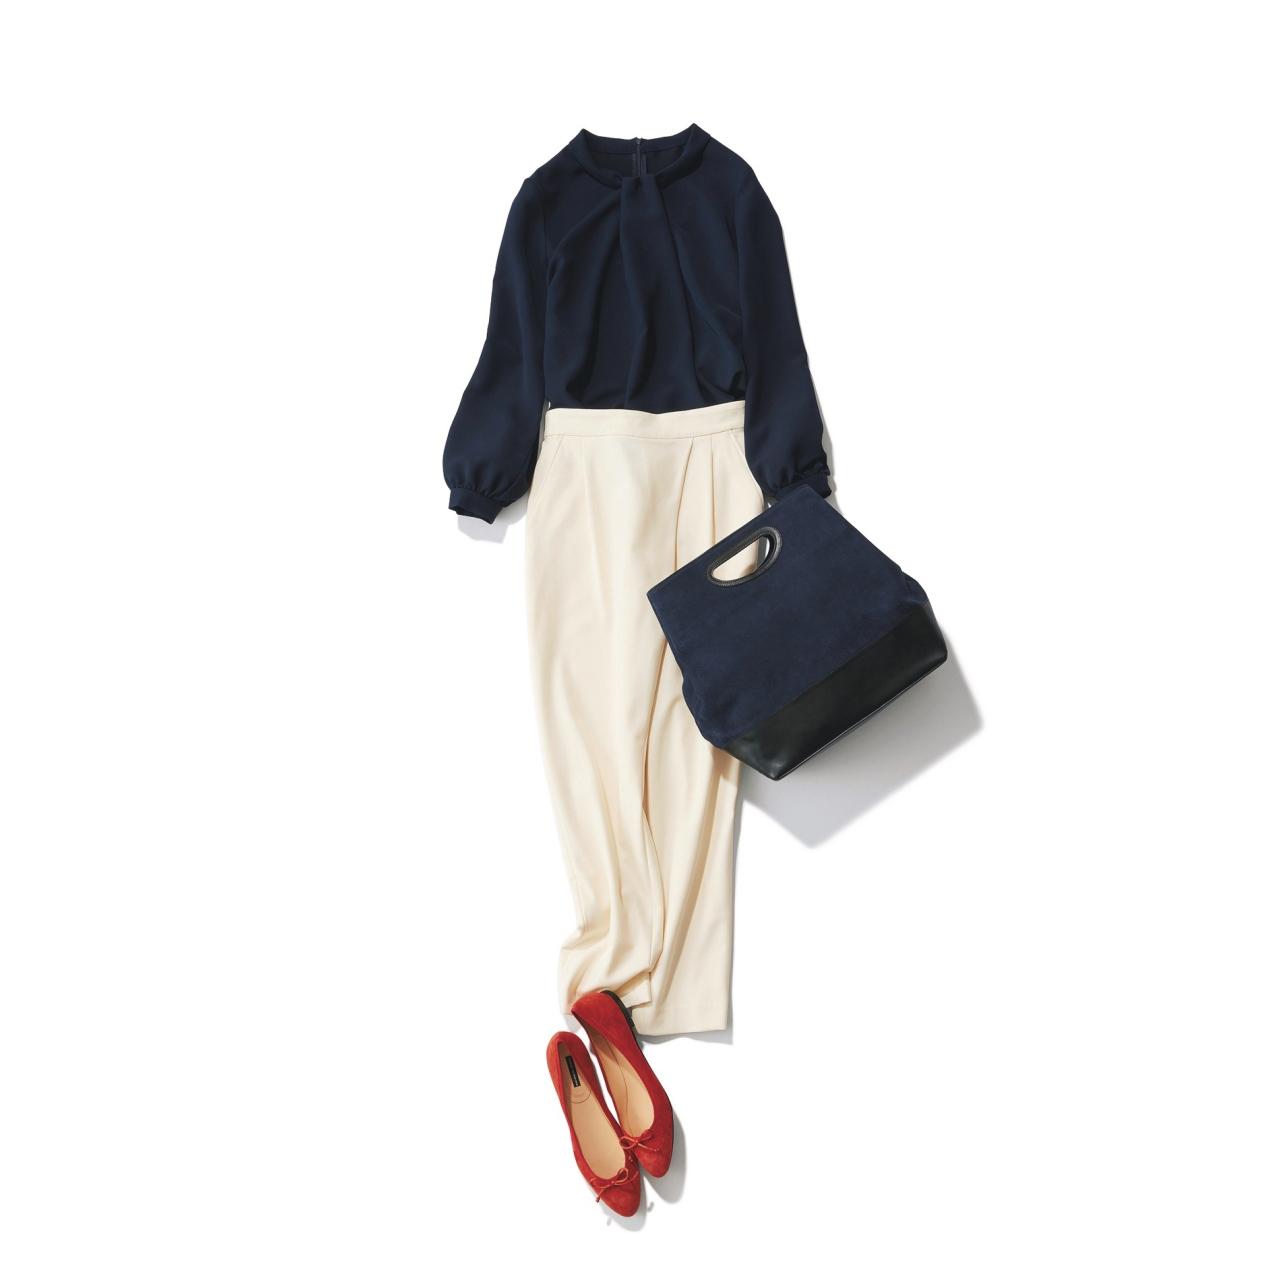 赤パンプス×ネイビーブラウスのファッションコーデ